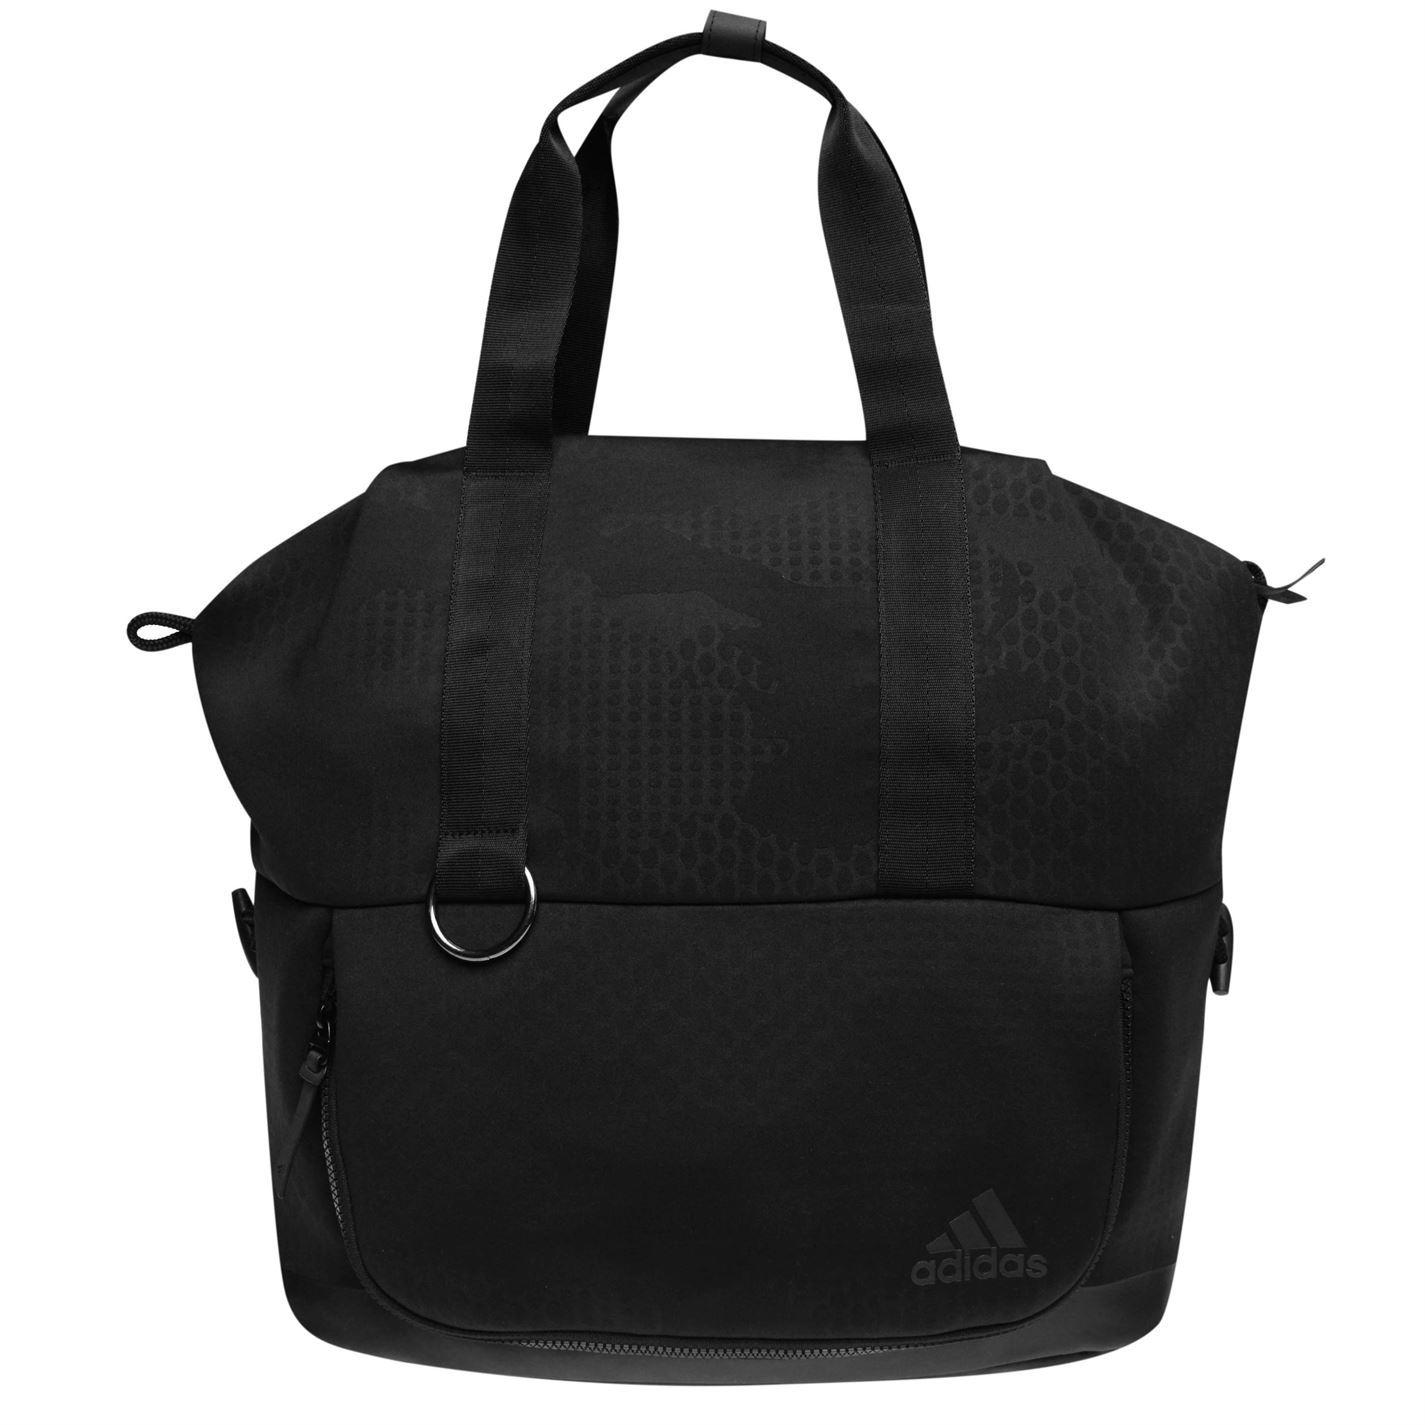 c8aaf8831 ... adidas FAV Tote Bag Womens Black Holdall Handbag Shopper Bag ...